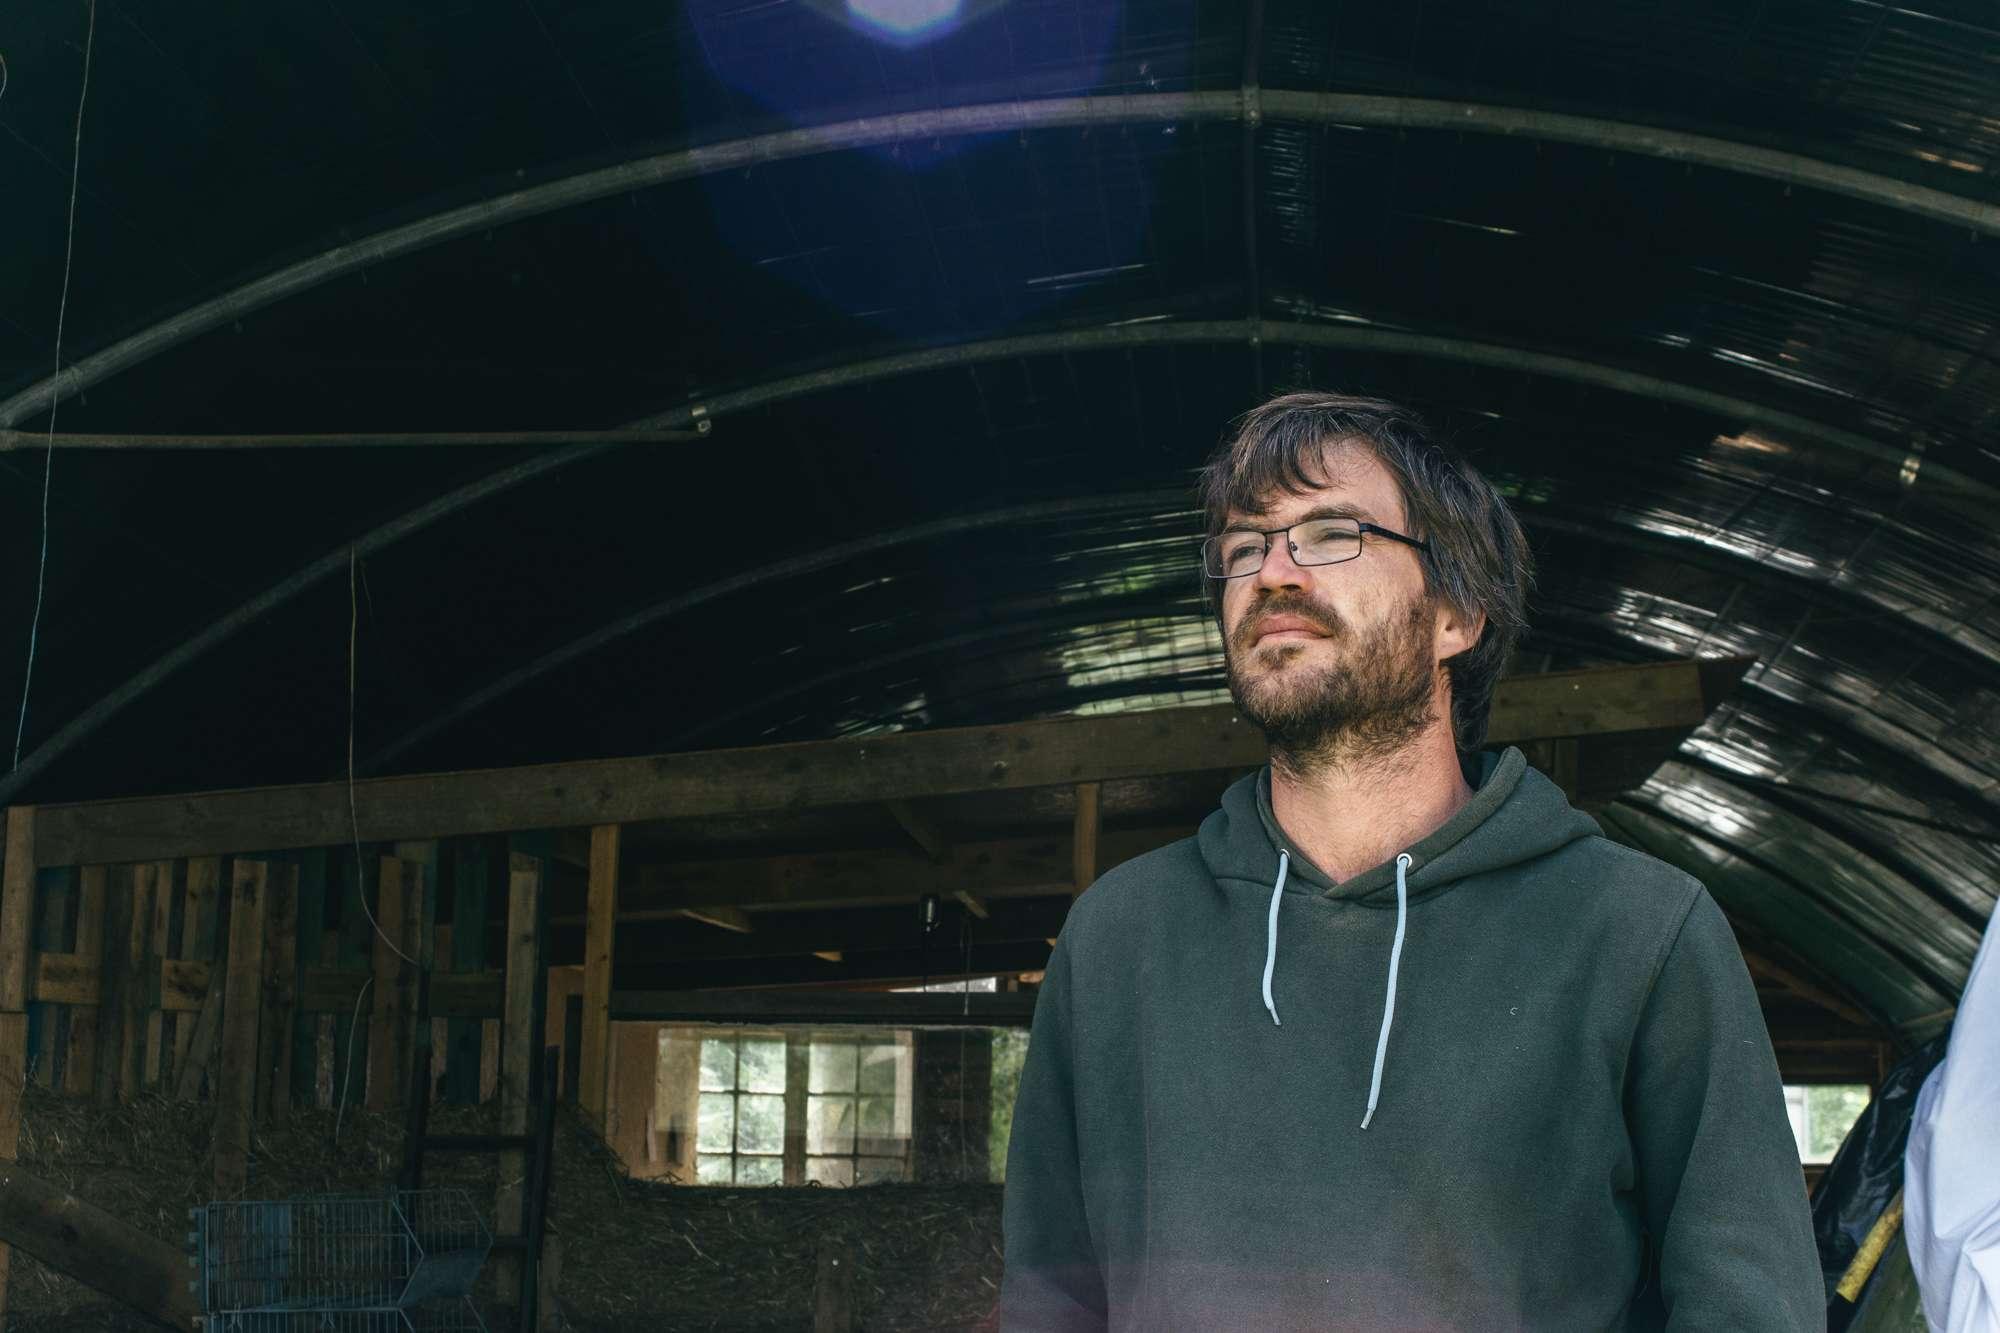 À Chauvé, le 25 mai, Yohann le fils de Hubert, également paysan du Pays de Retz, lors d'une interview sur son exploitation.